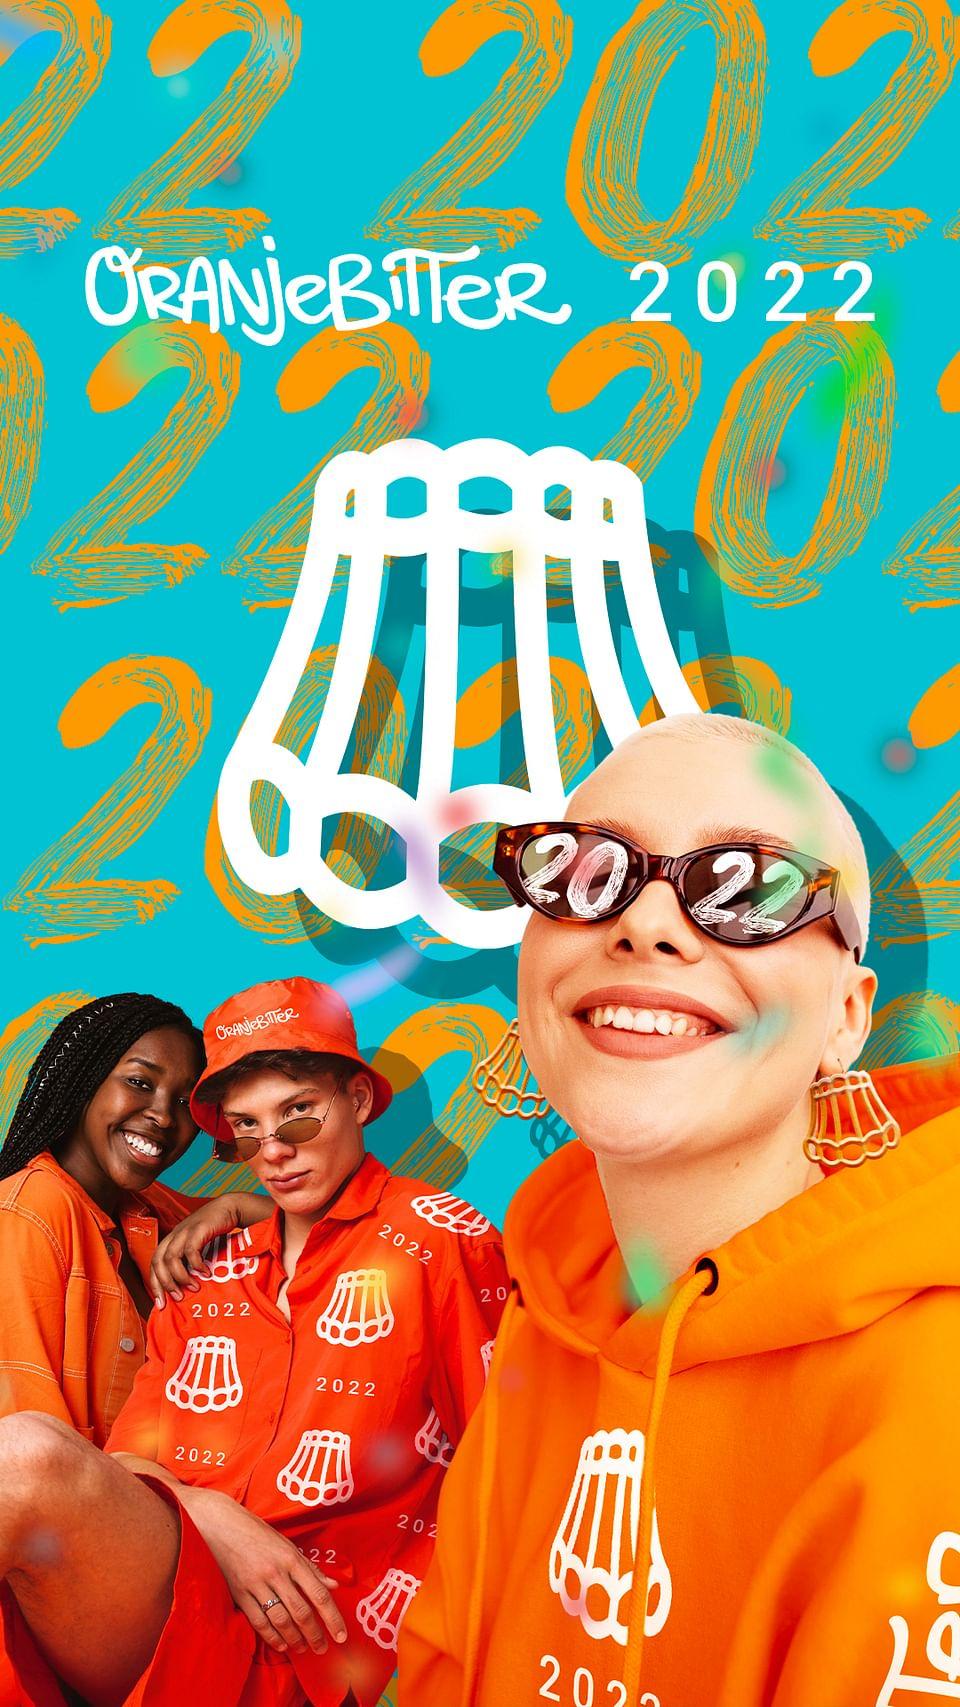 Marketingcampagne voor Oranjebitter Festival